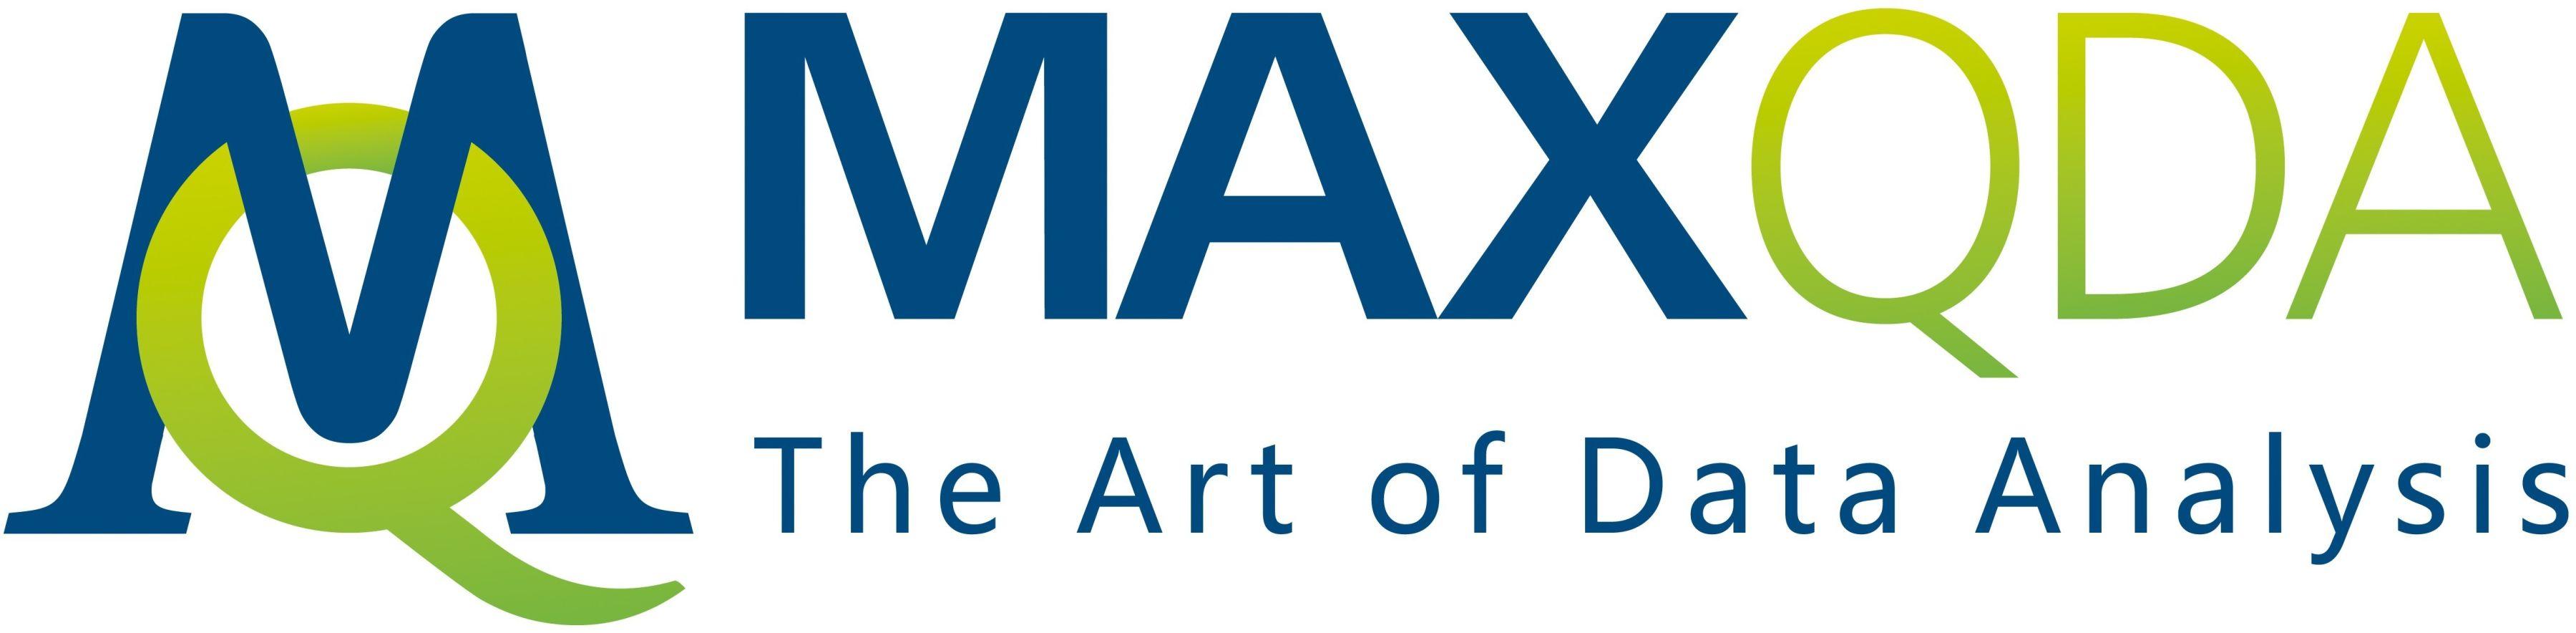 MAXQDA Standard - Użytkownik Indywidualny - Certyfikaty Rzetelna Firma i Adobe Gold Reseller